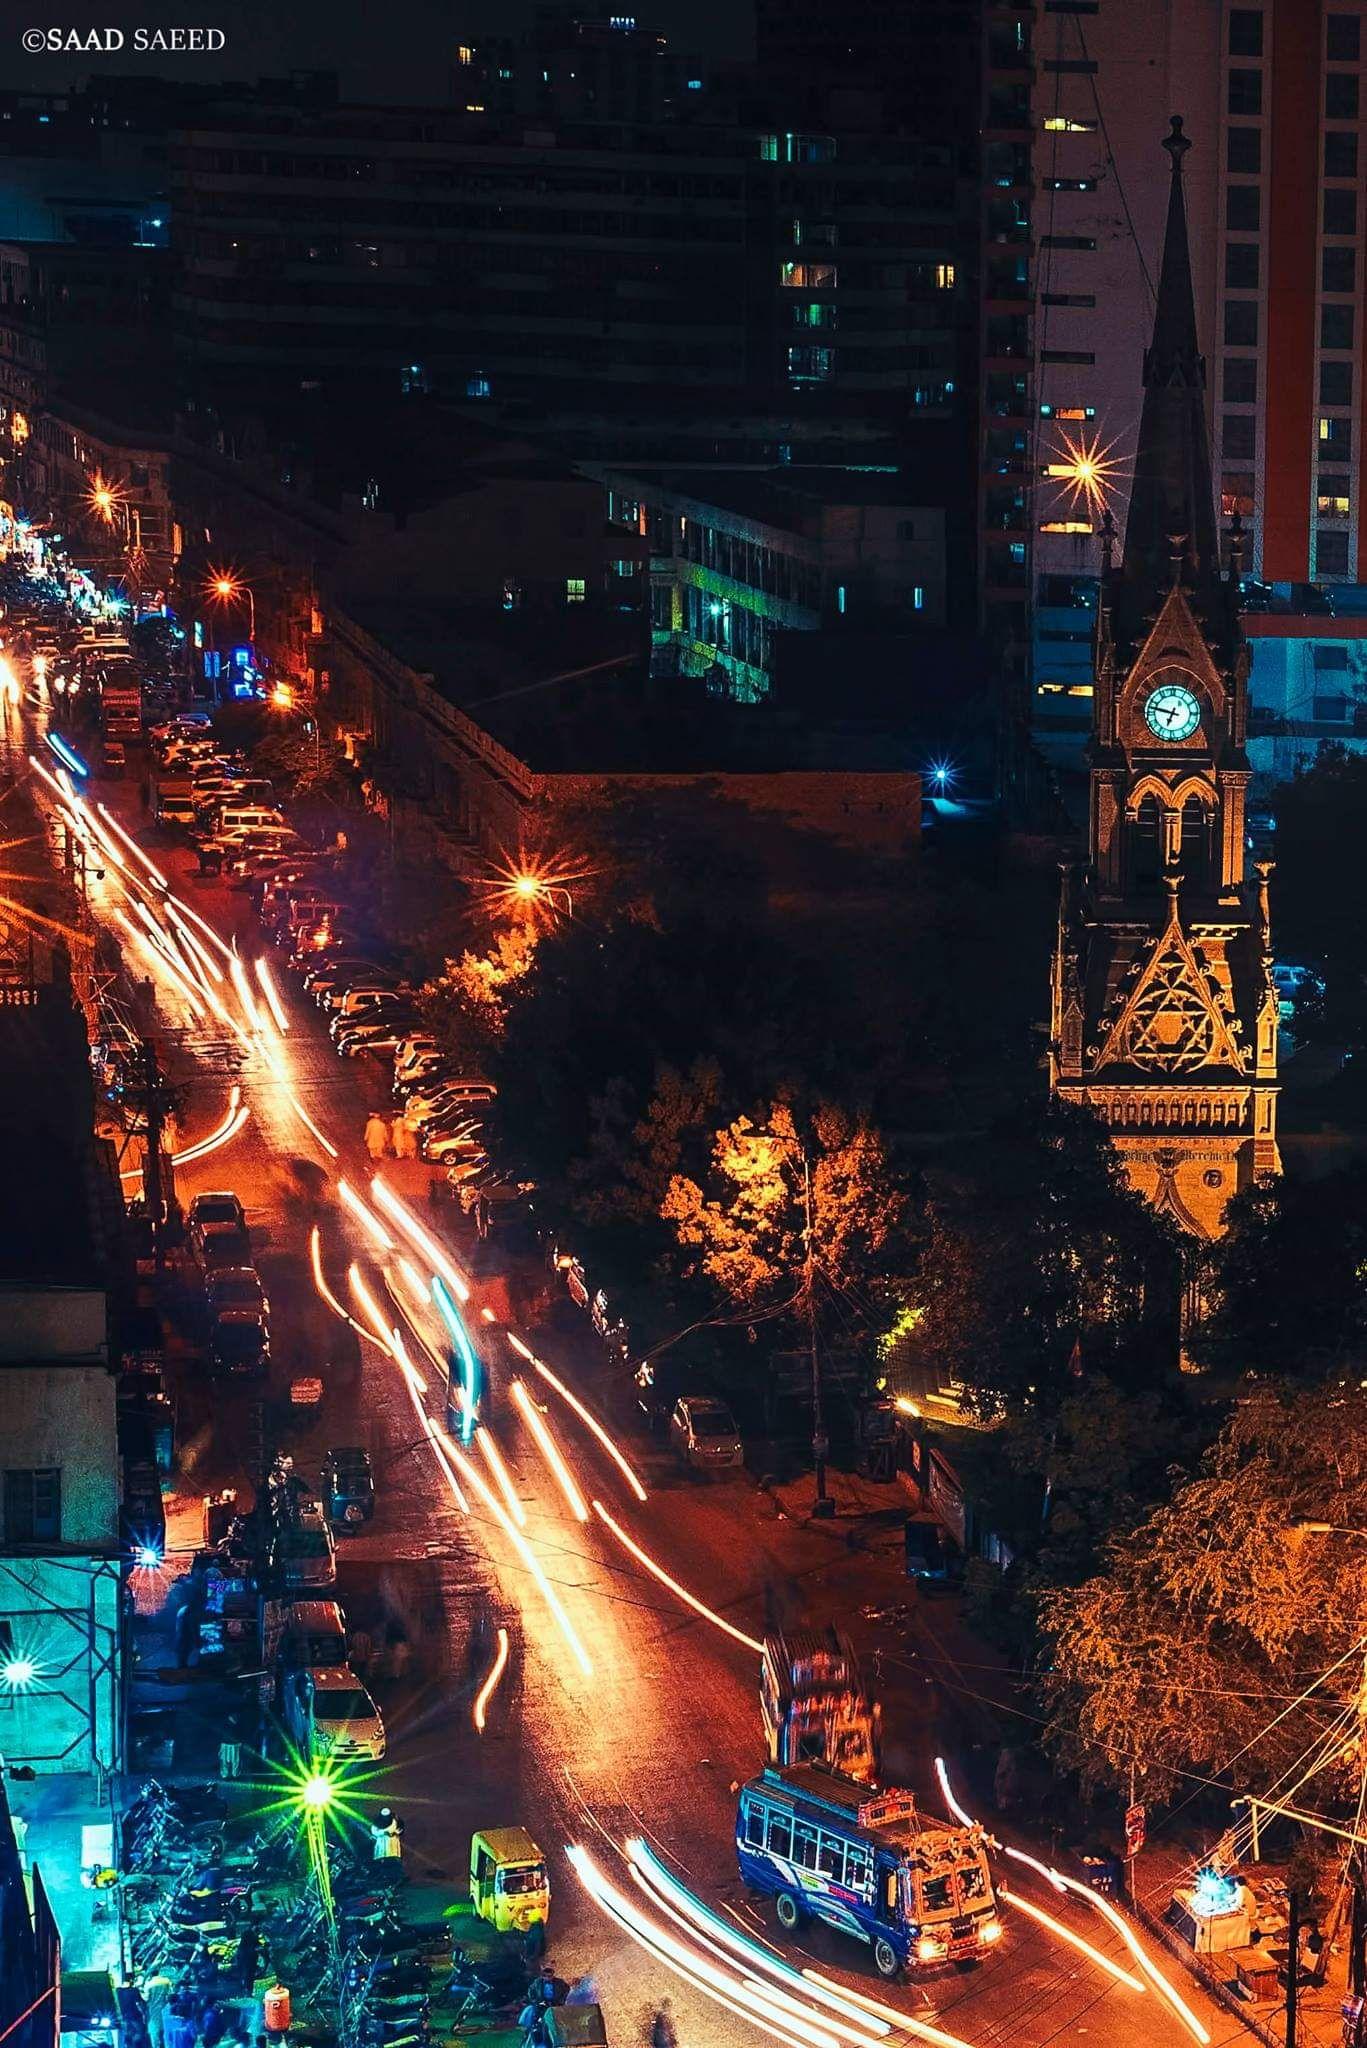 Merewether Clock tower Karachi Pakistan. [3000x2000]